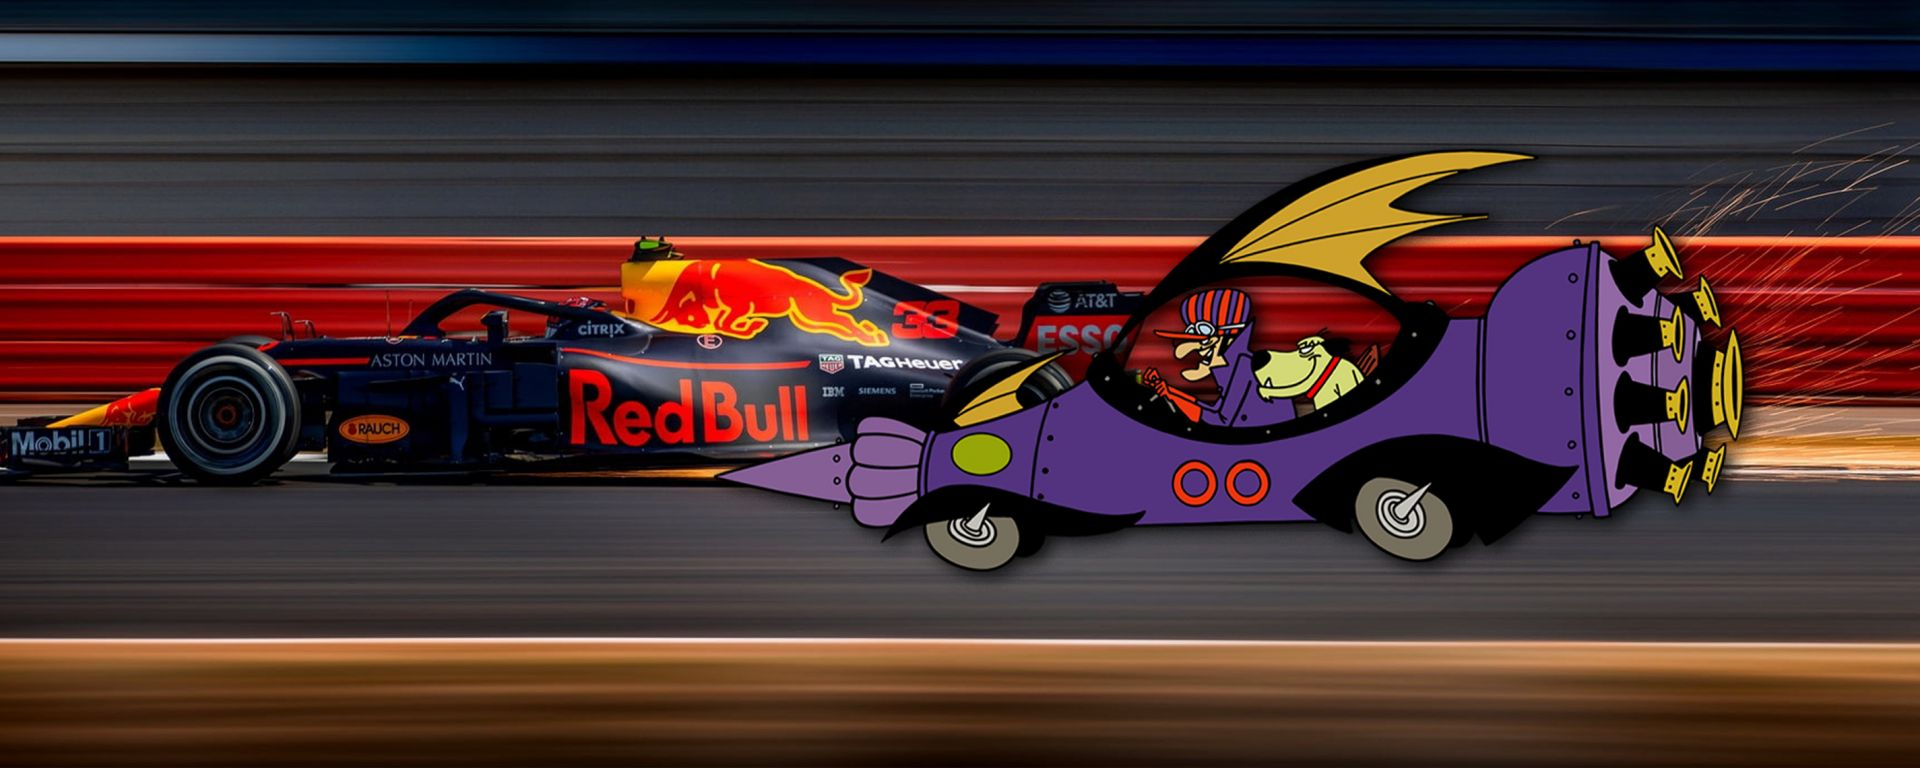 F1, Rally, Nascar: c'è sempre qualcuno che cerca di vincere con l'imbroglio